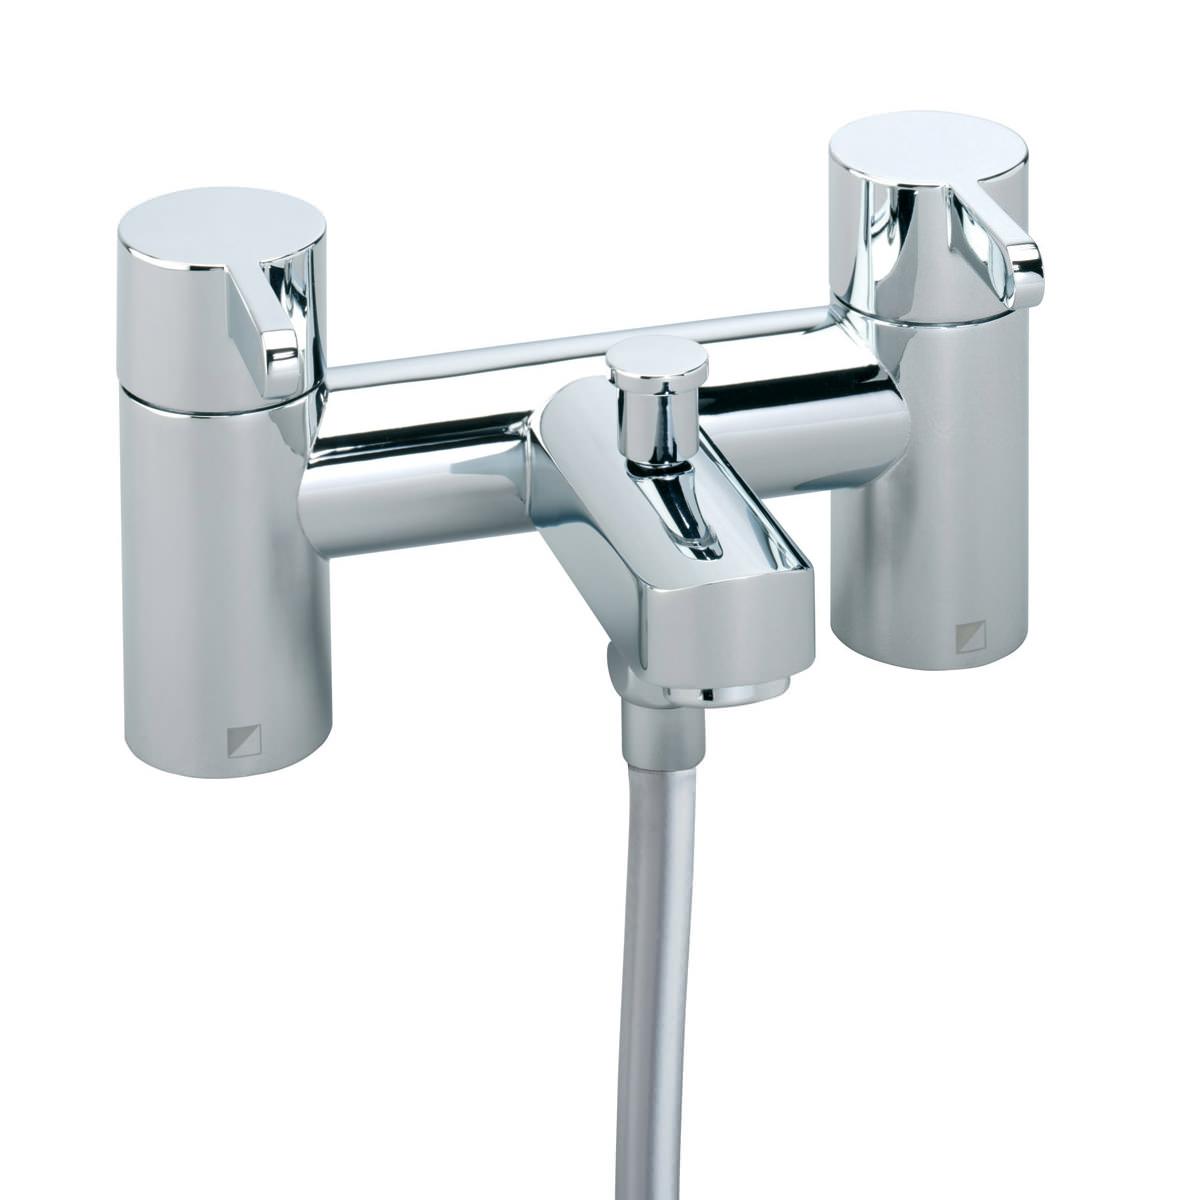 Roper Rhodes Insight Deck Mounted Bath Shower Mixer Tap